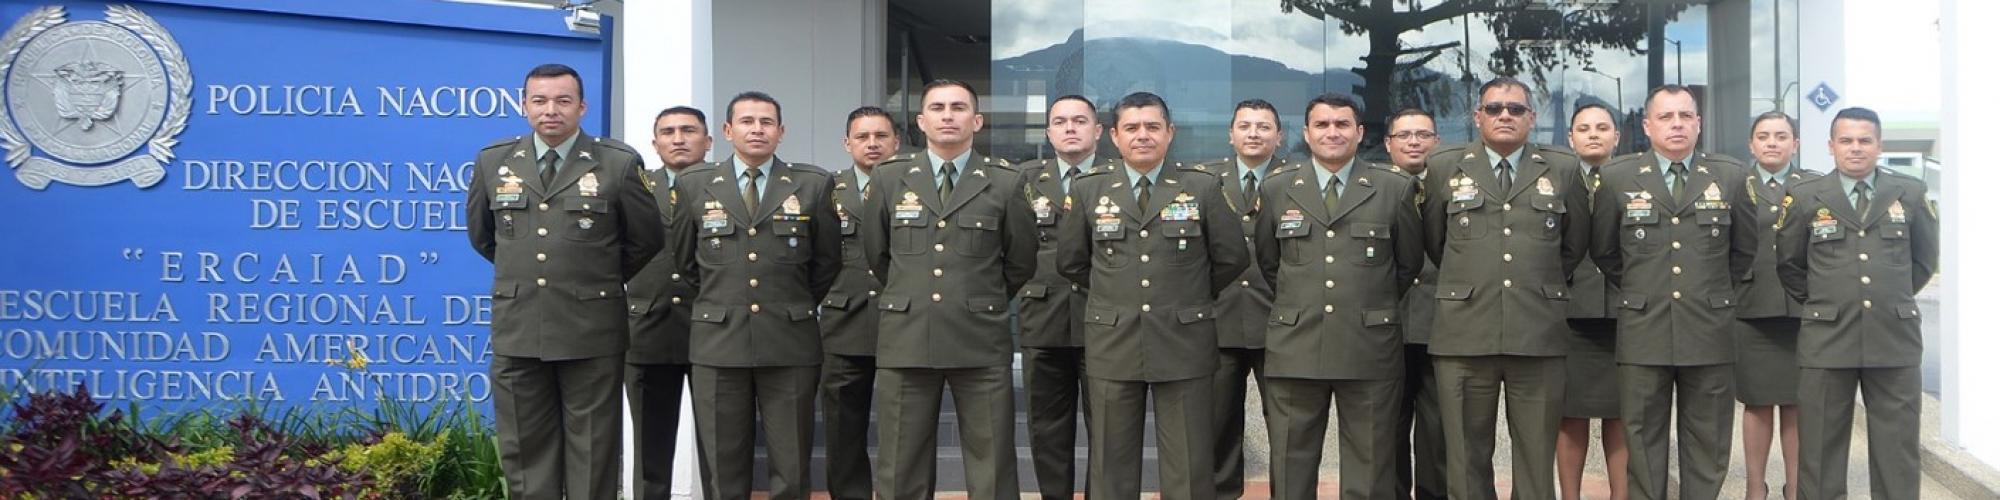 Dirección de Antinarcoticos Escuela Regional de la Comunidad de Inteligencia Antidrogas ERCAIAD.